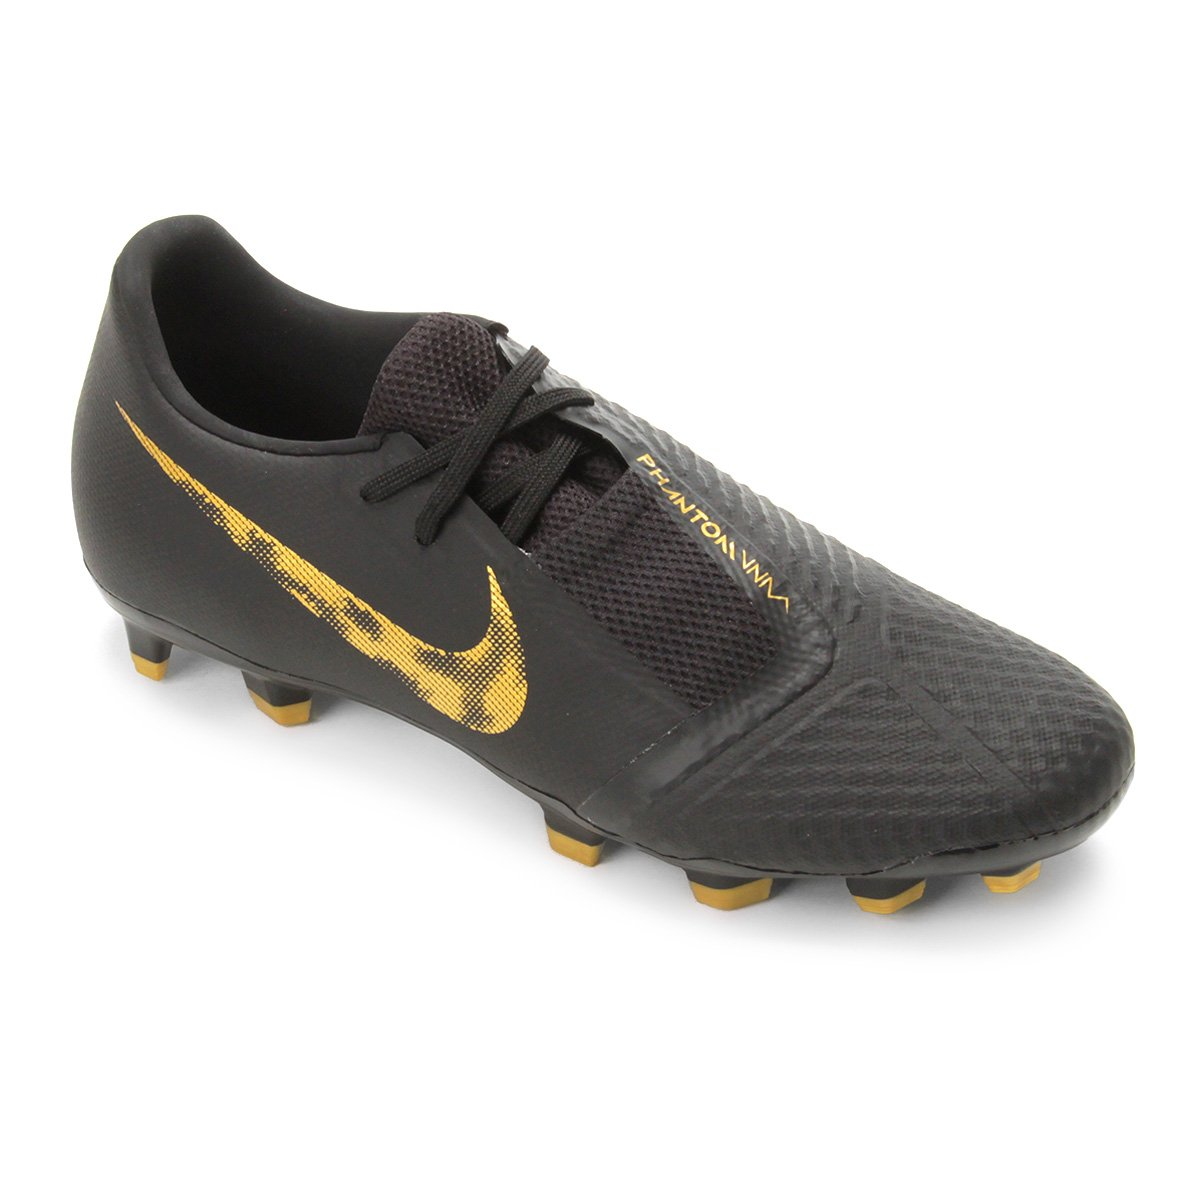 e48d295910 Chuteira Campo Nike Phantom Venom Academy FG - Preto e Dourado ...